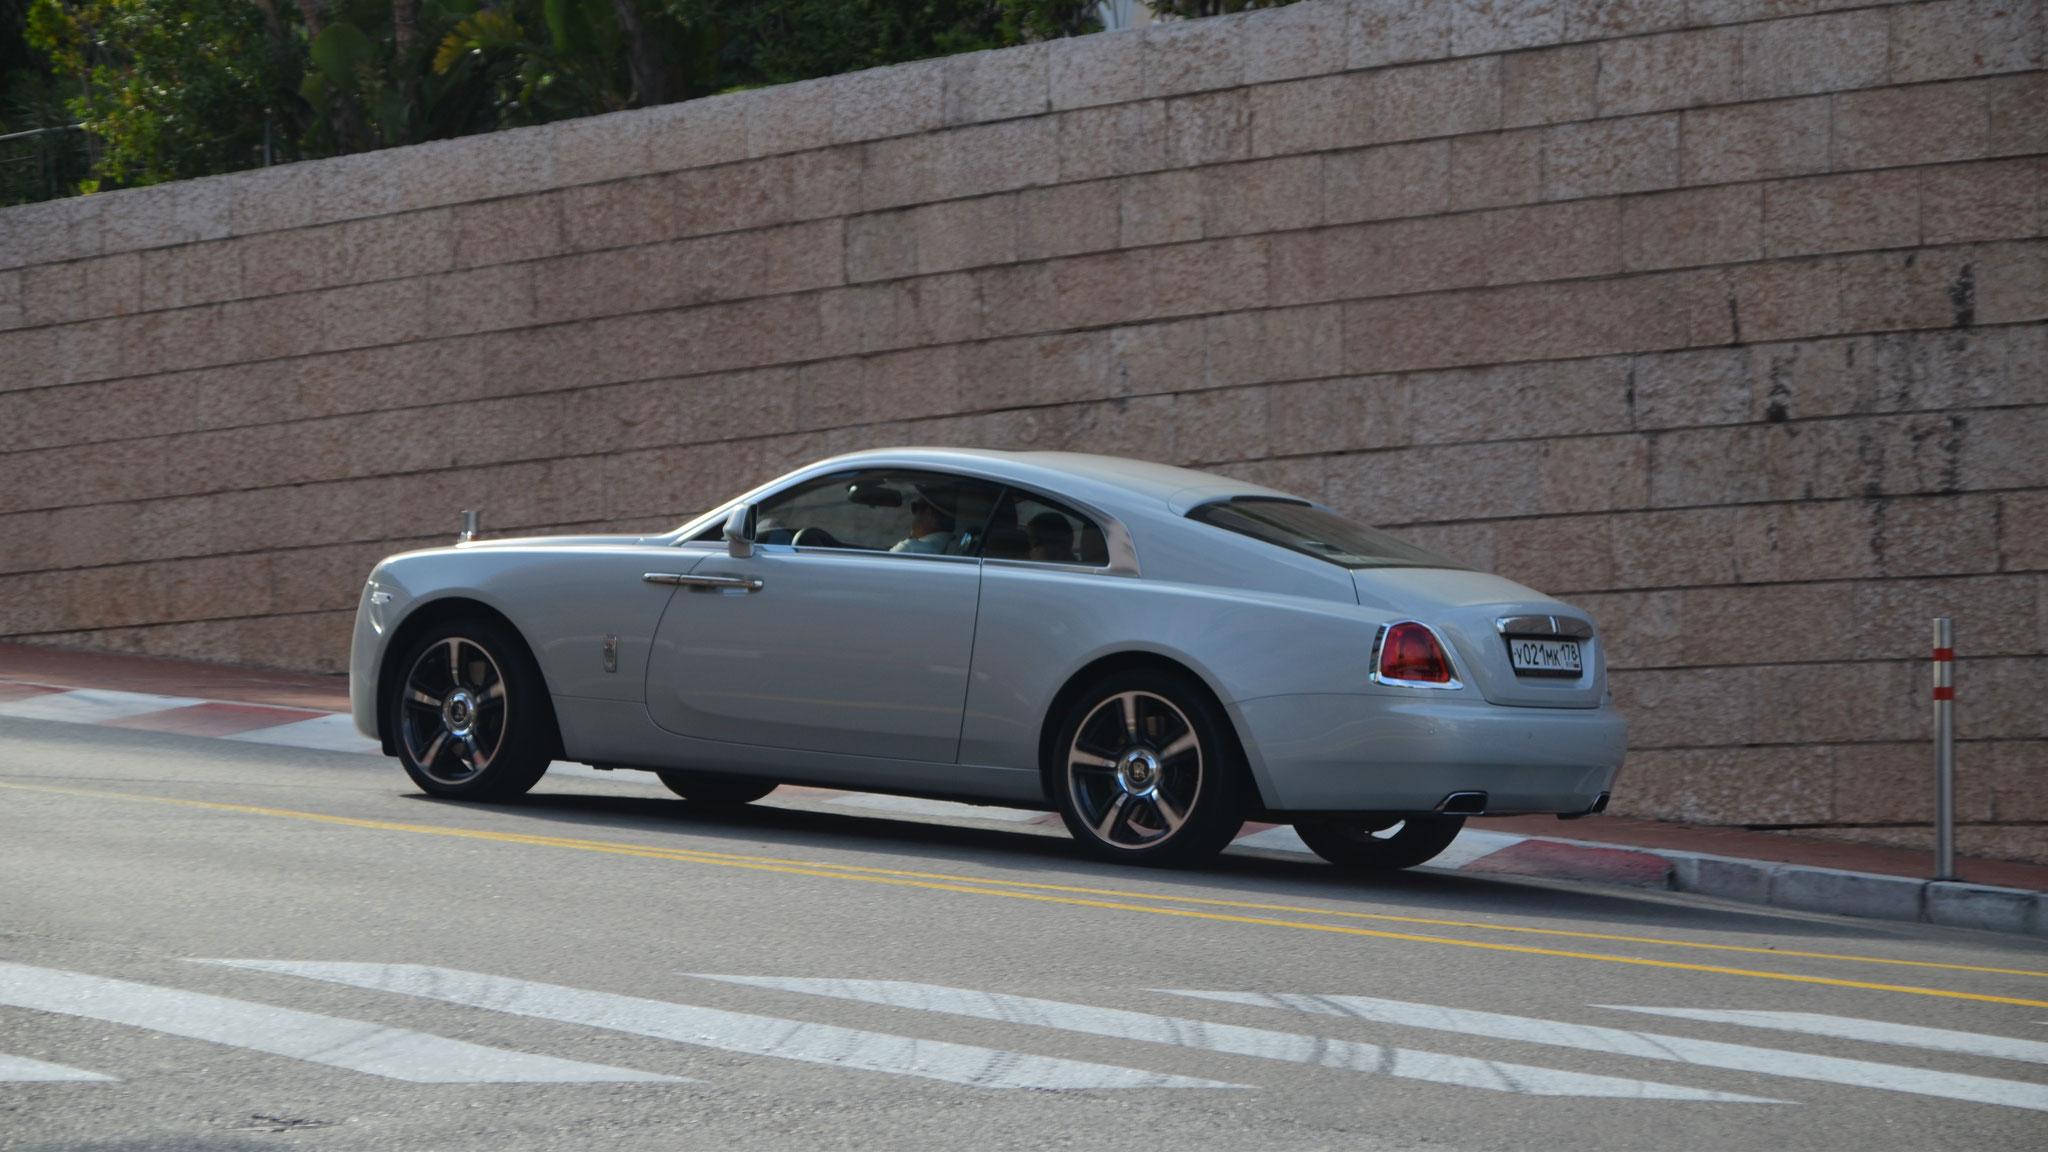 Rolls Royce Wraith - Y021-MK-178 (RUS)